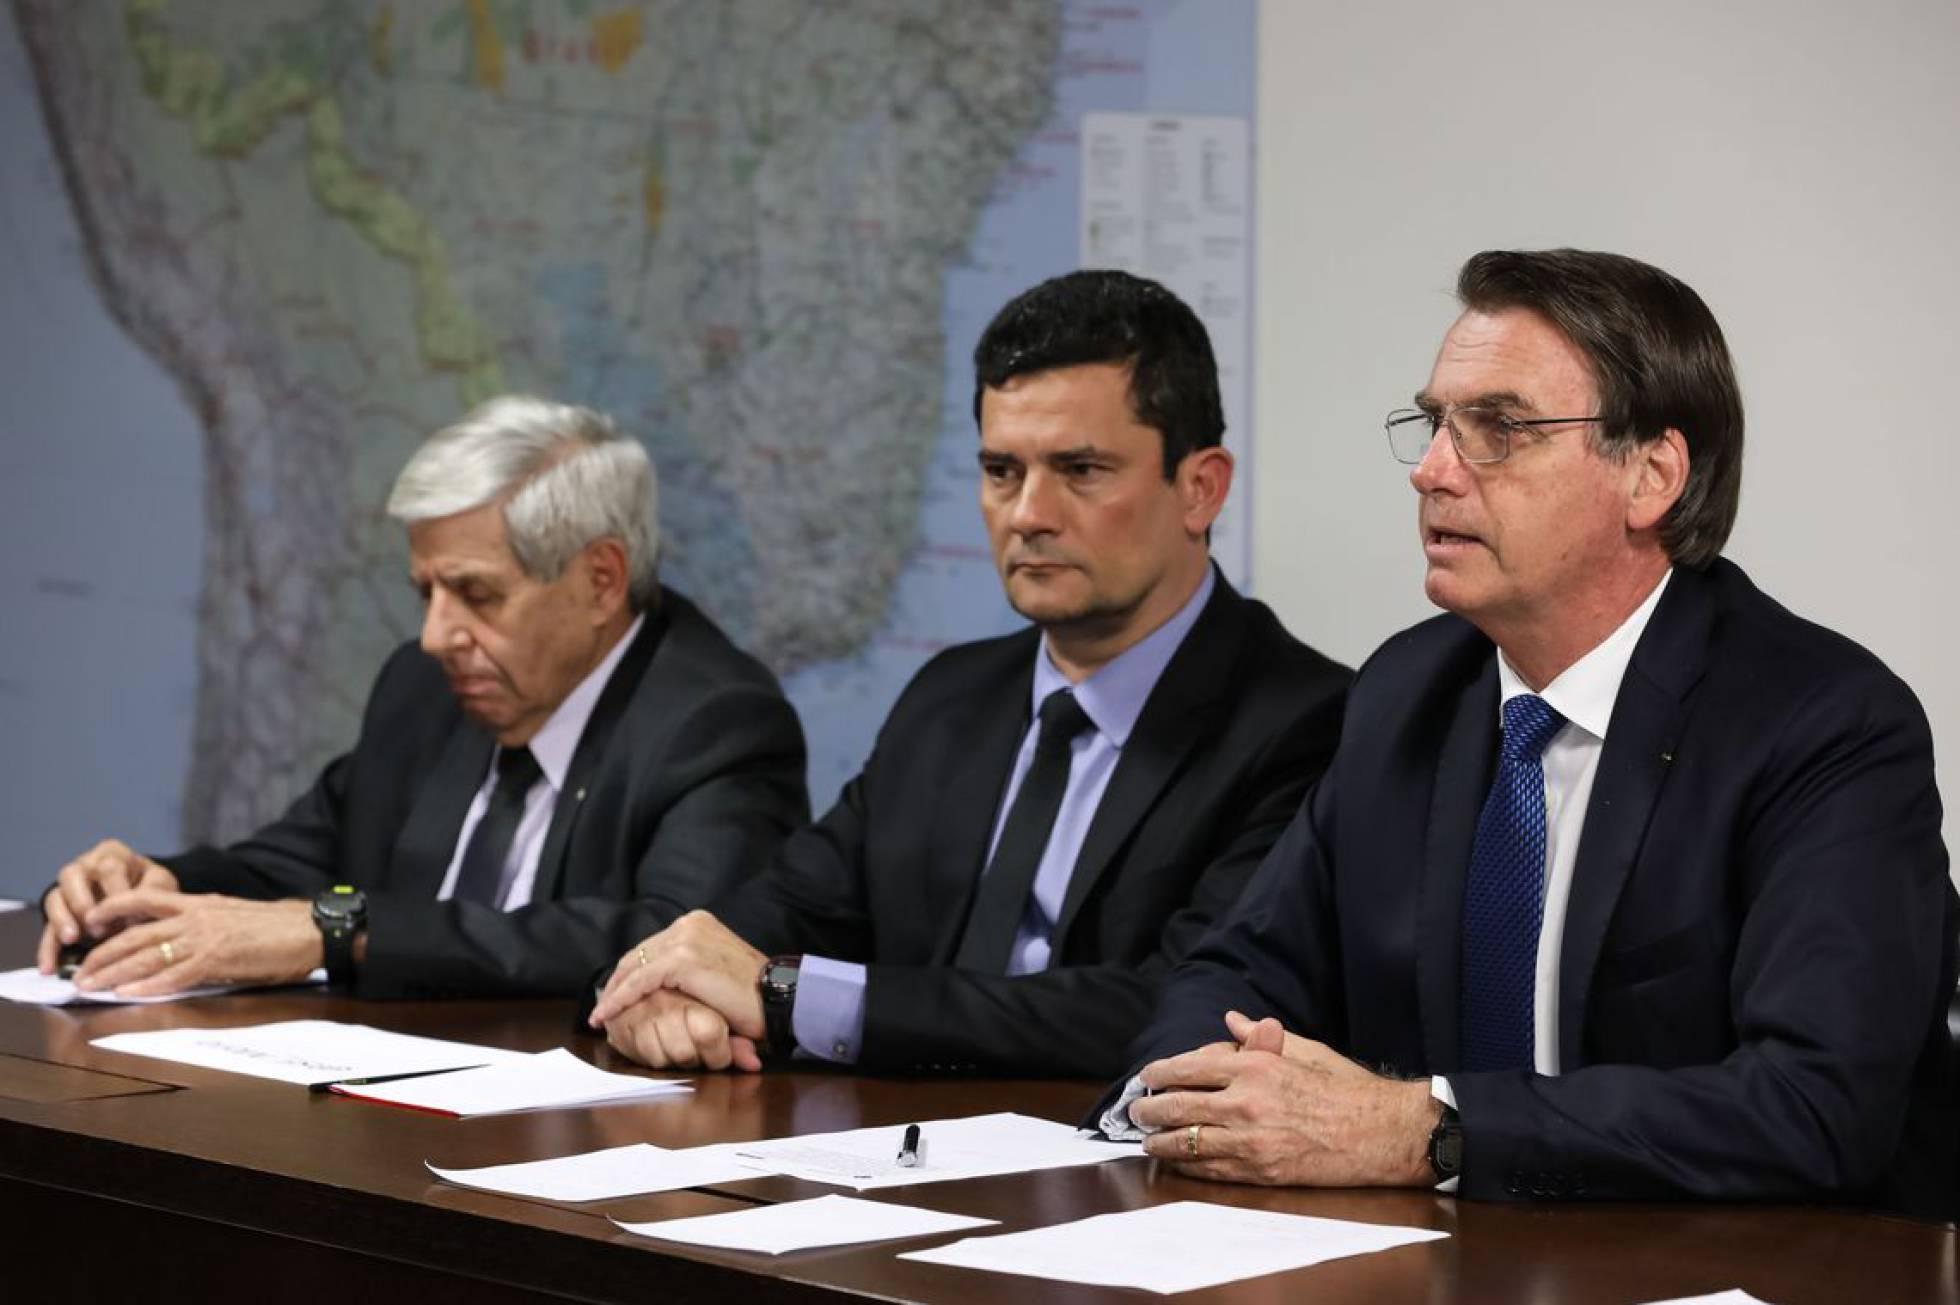 """Próxima vaga do STF é de Sérgio Moro, o """"compromisso"""" público de Bolsonaro"""